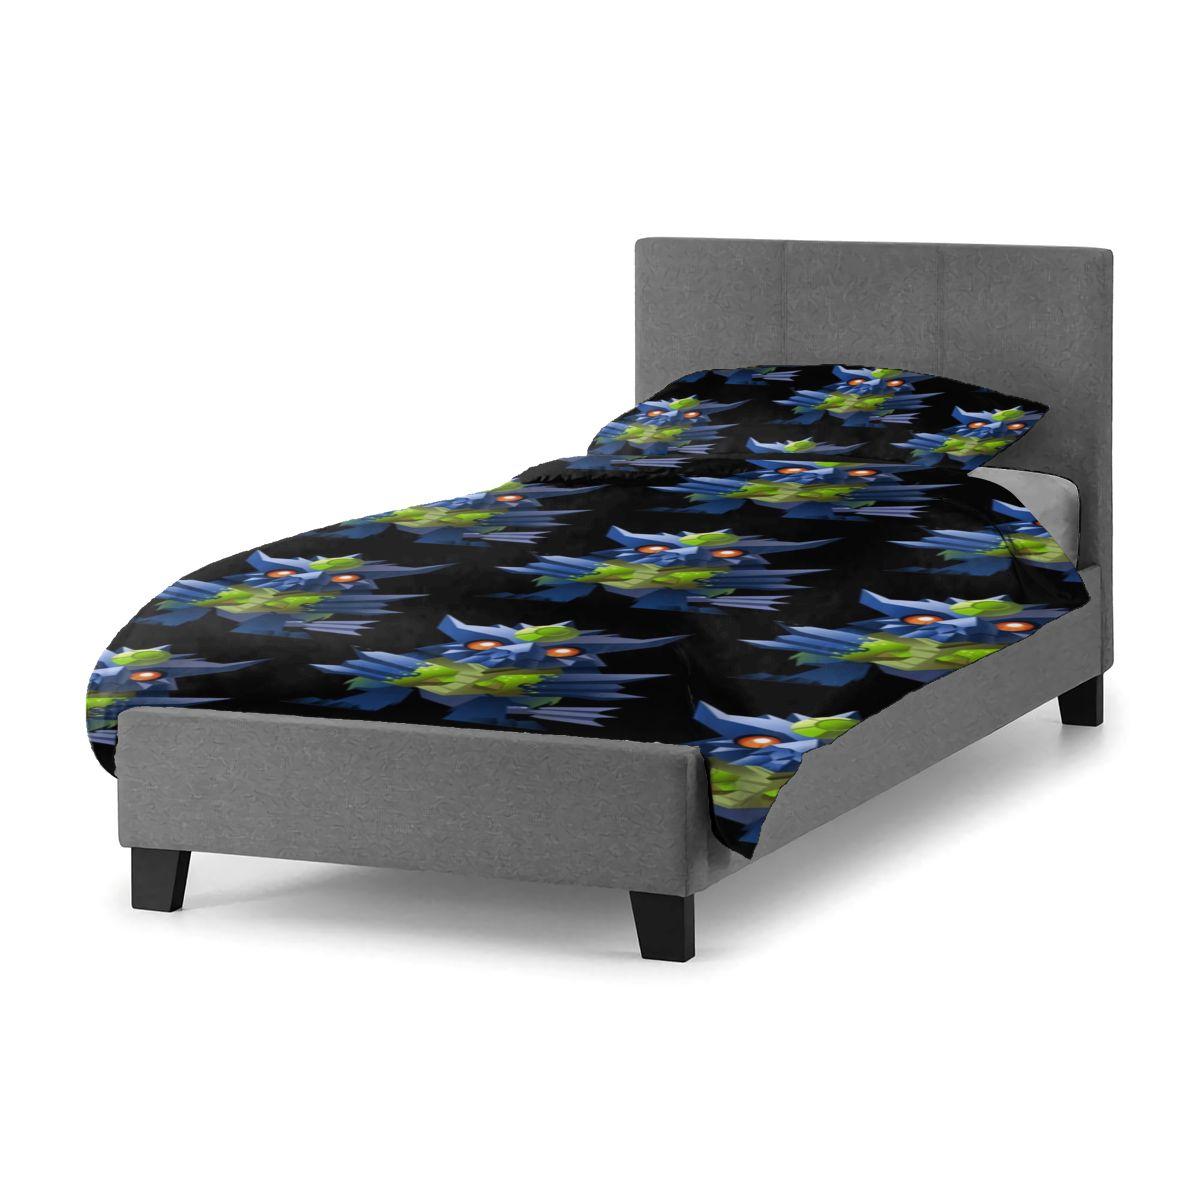 الوحش هنتر طقم سرير غرفة نوم المراهقين أغطية سرير غطاء ورقة المعزي رخيصة